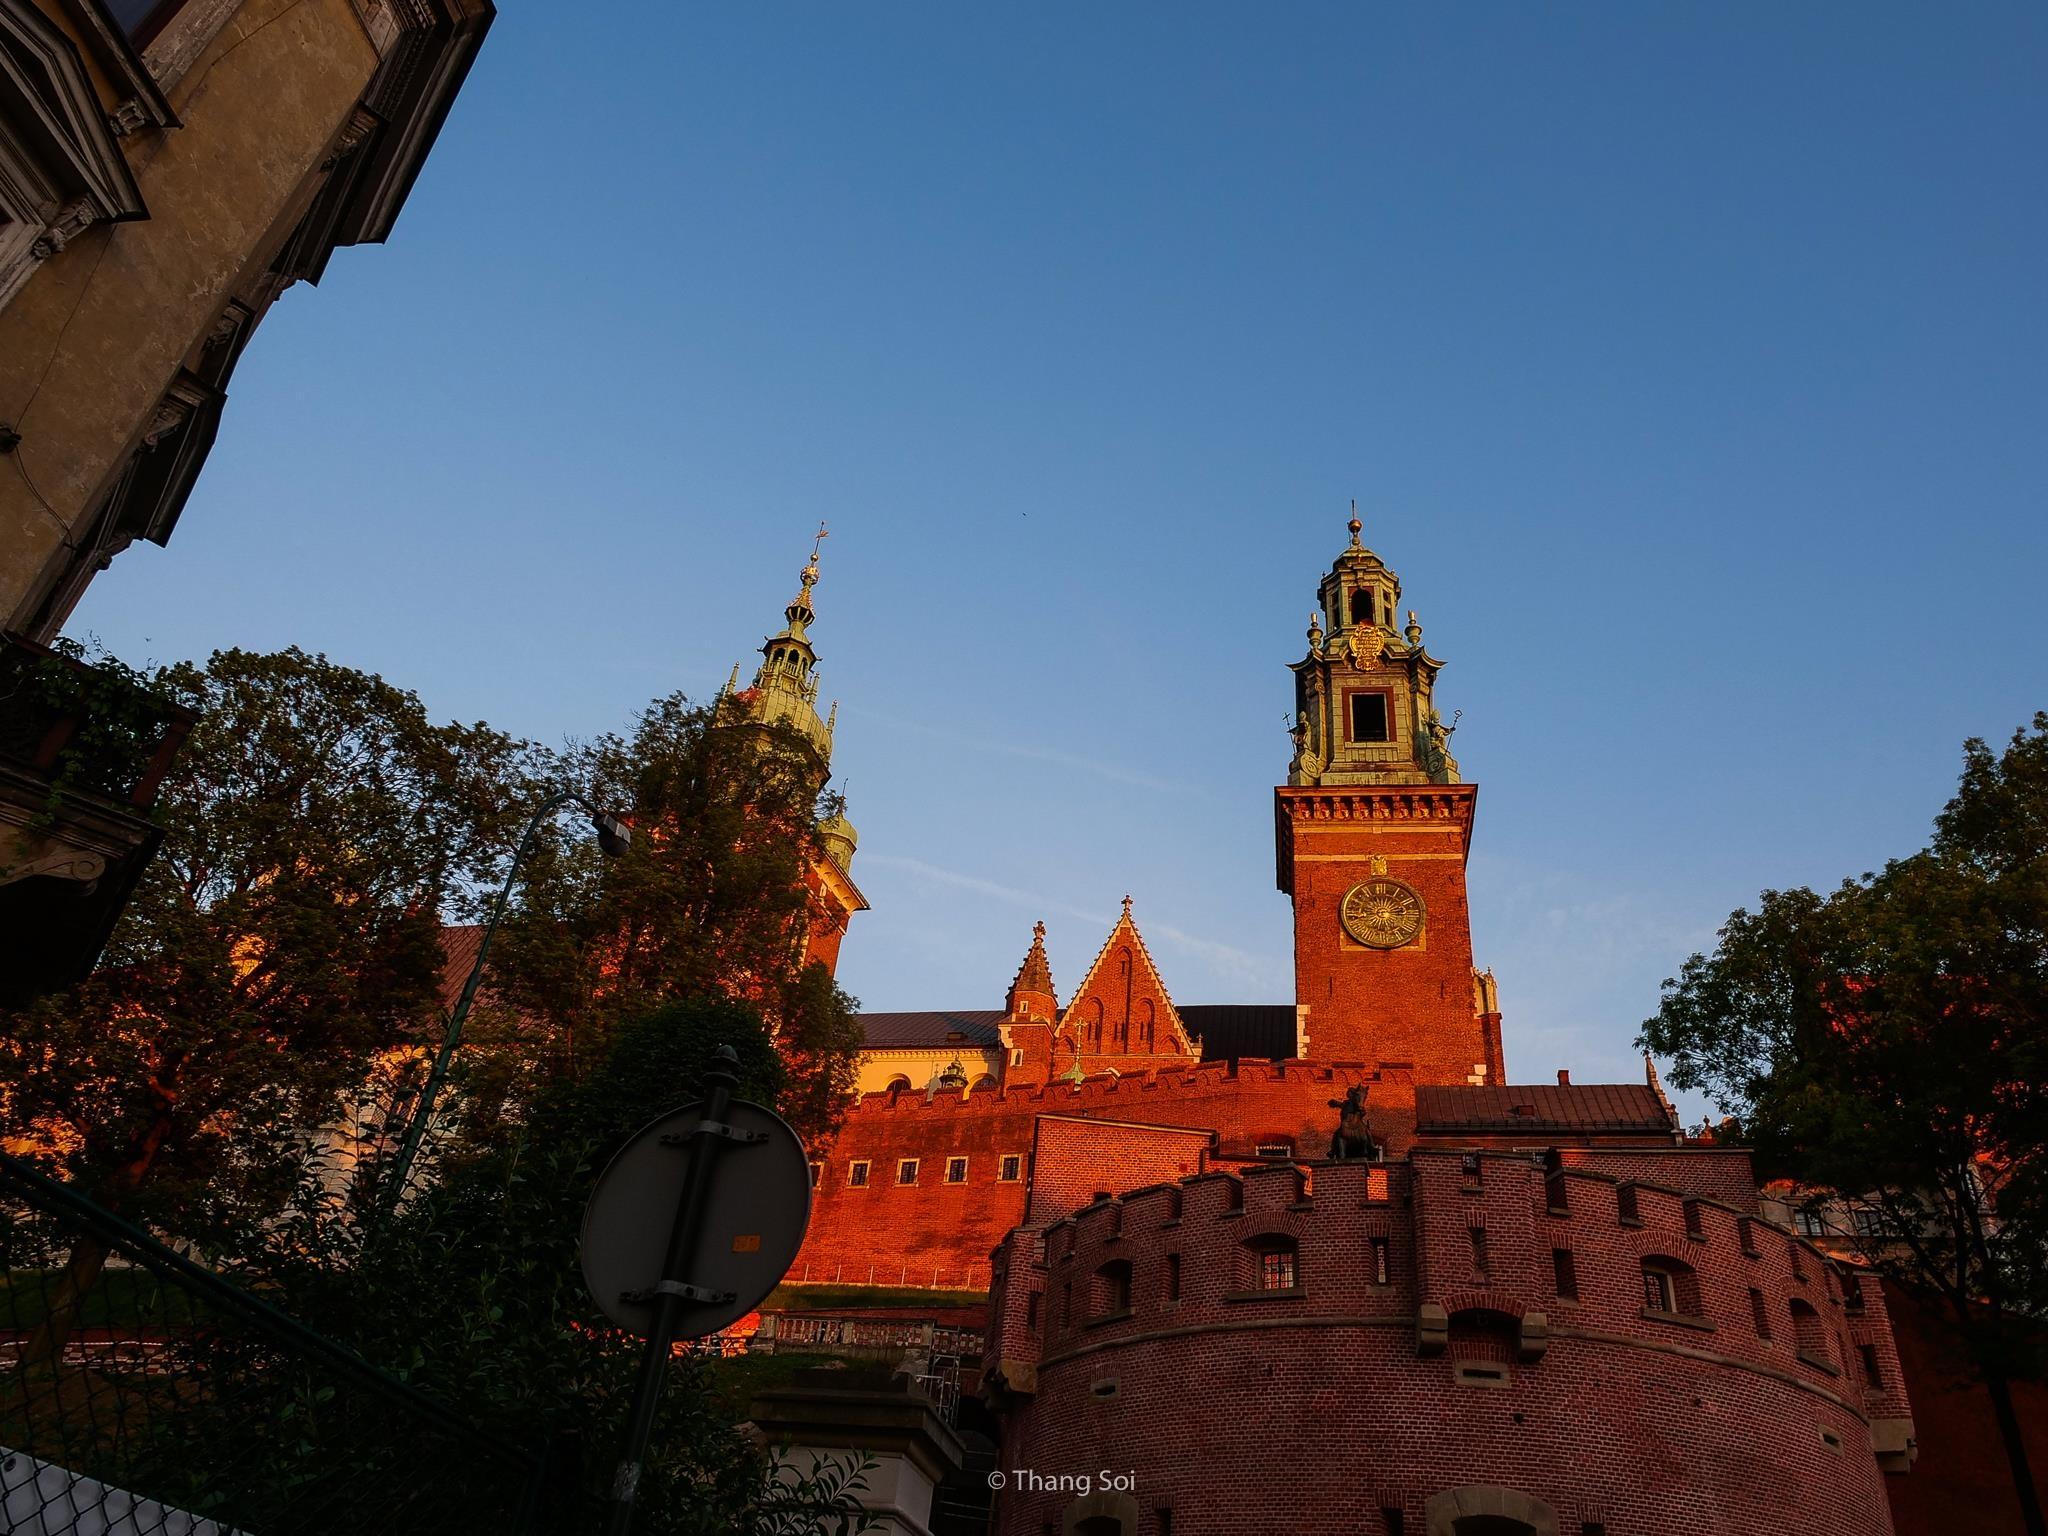 Krakow, kinh do co phai ghe tham khi den Ba Lan hinh anh 58